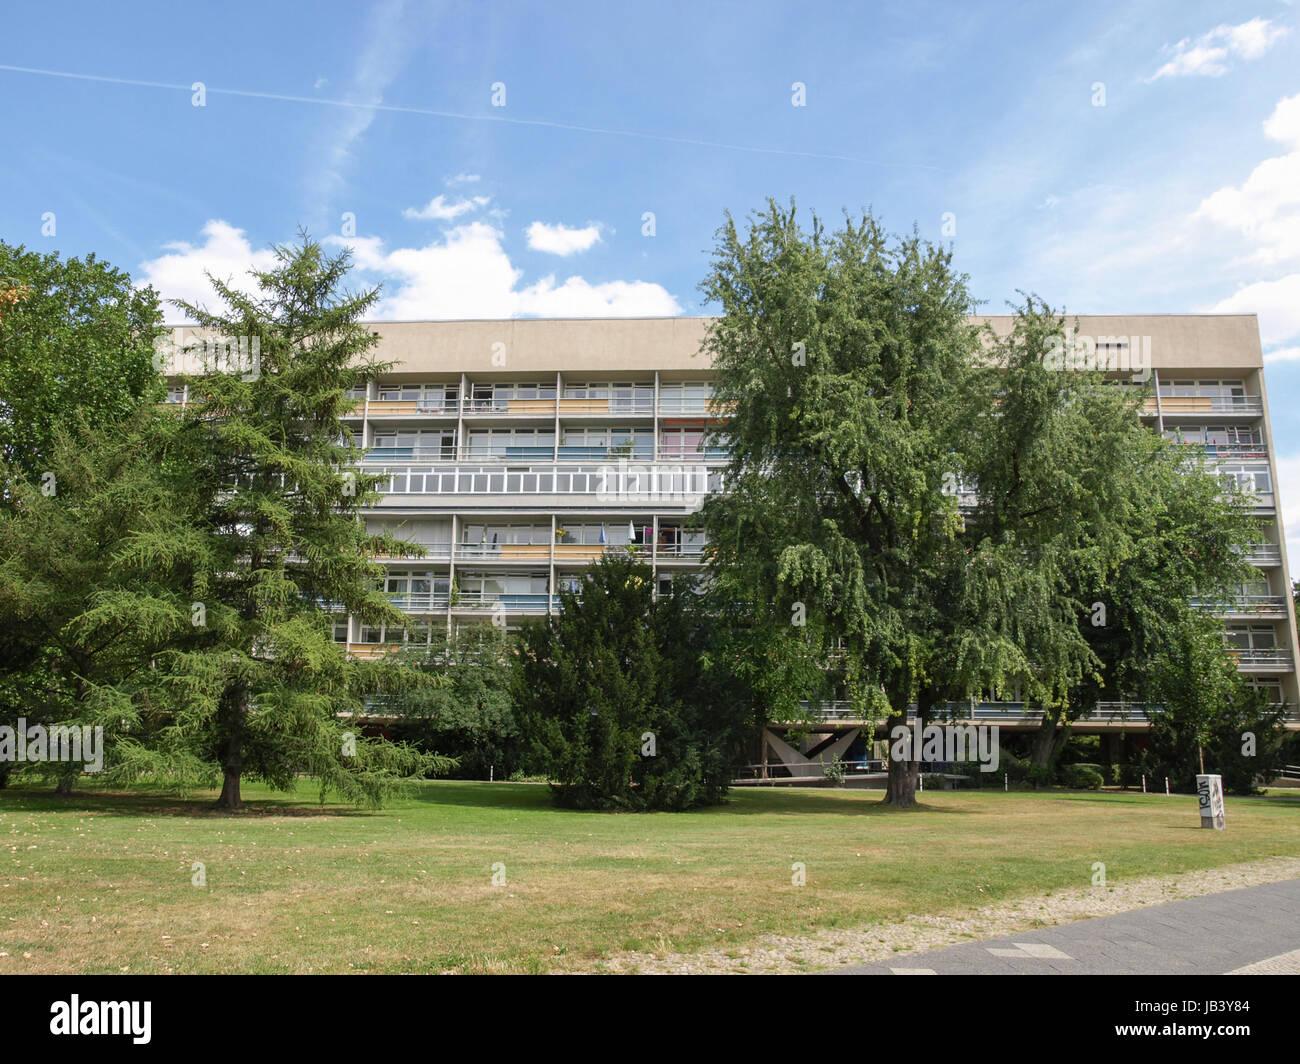 BERLIN, Deutschland - 8. August 2009: Das Hansaviertel Interbau ist ...